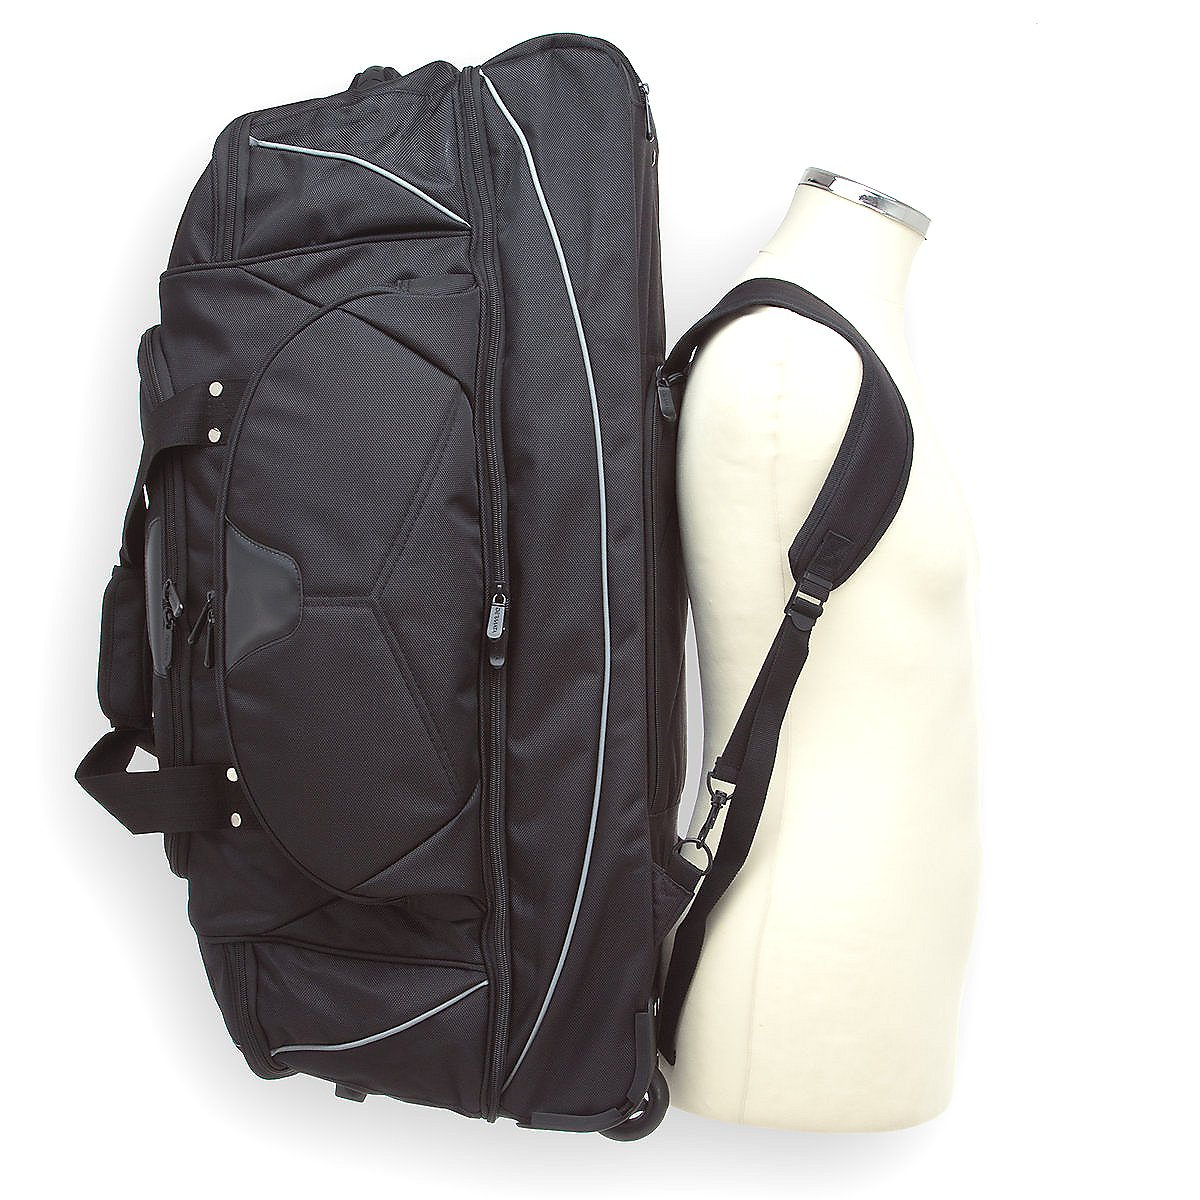 reisetasche mit rollen wie gro muss eine reisetasche mit. Black Bedroom Furniture Sets. Home Design Ideas